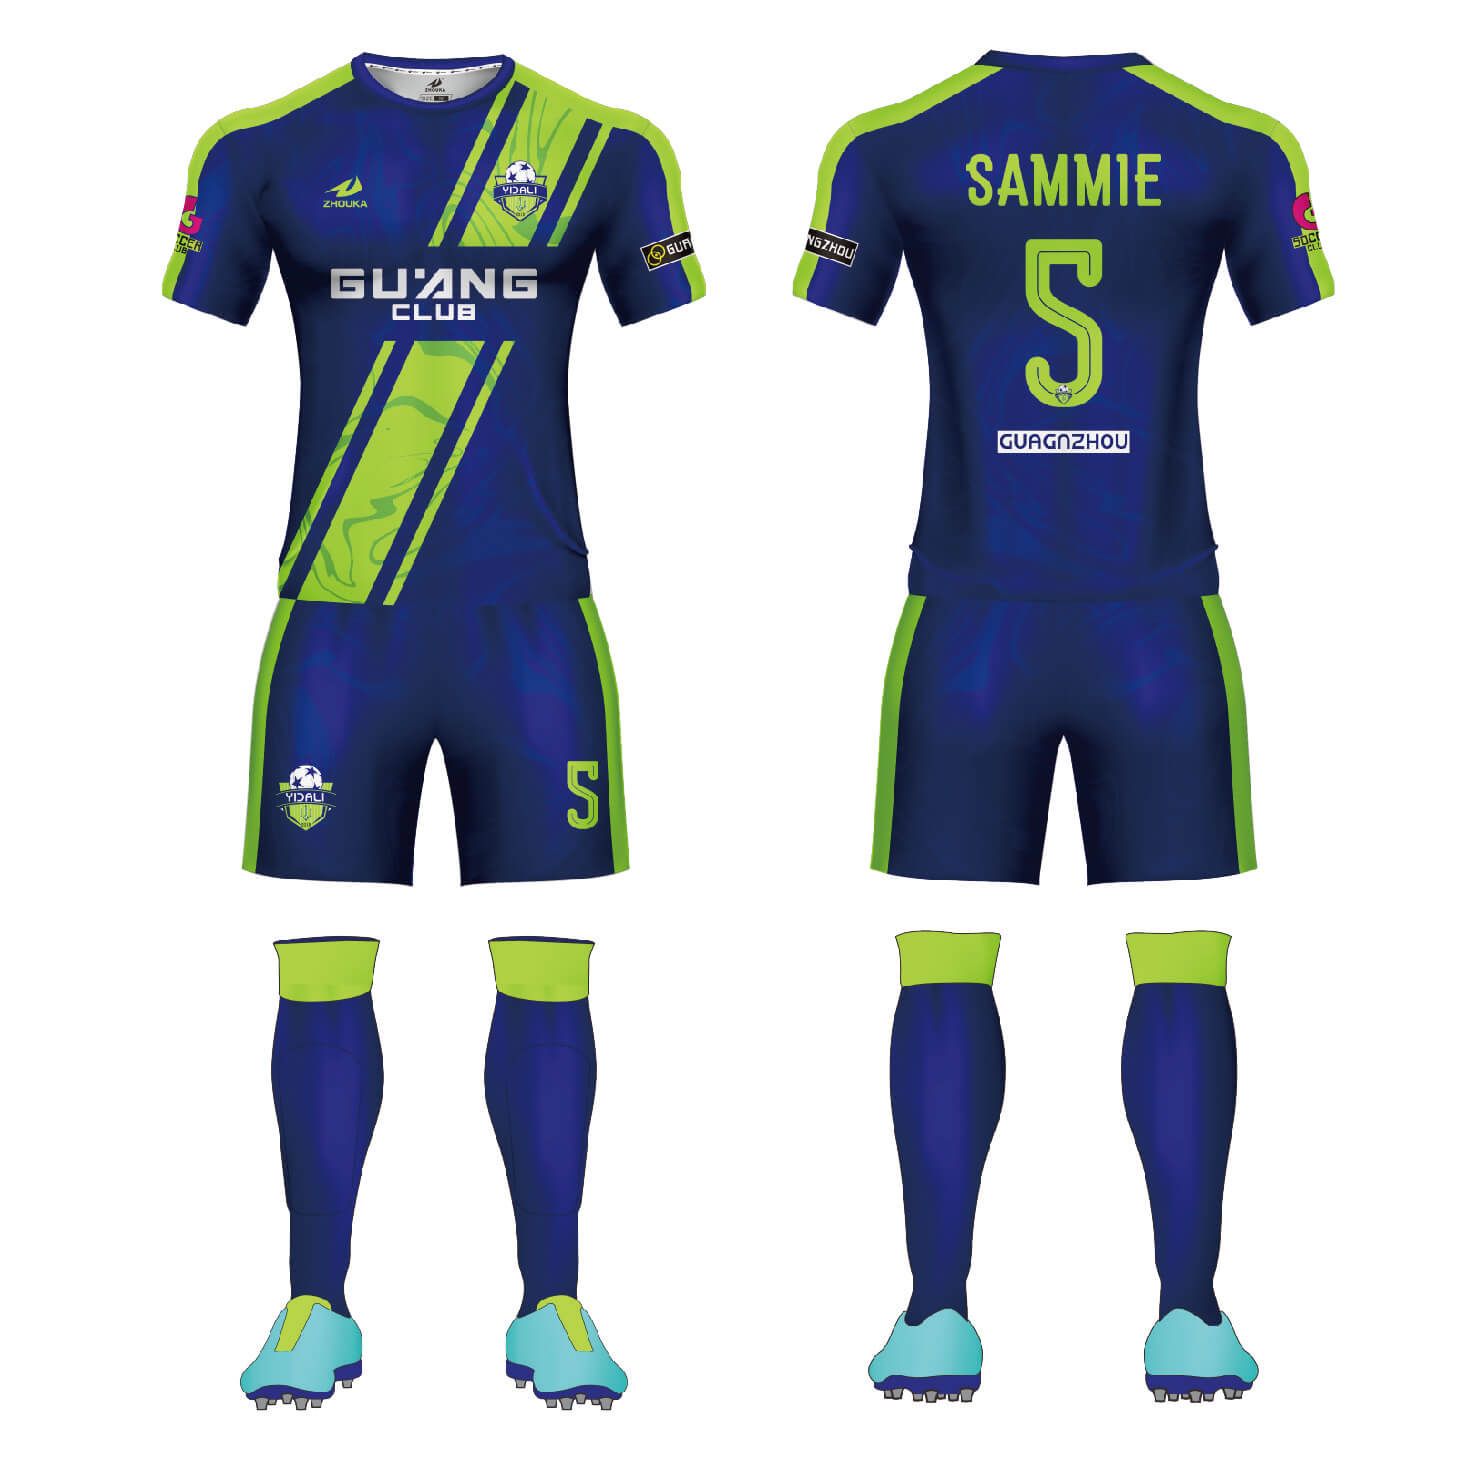 套装男式足球制服男孩球队俱乐部训练